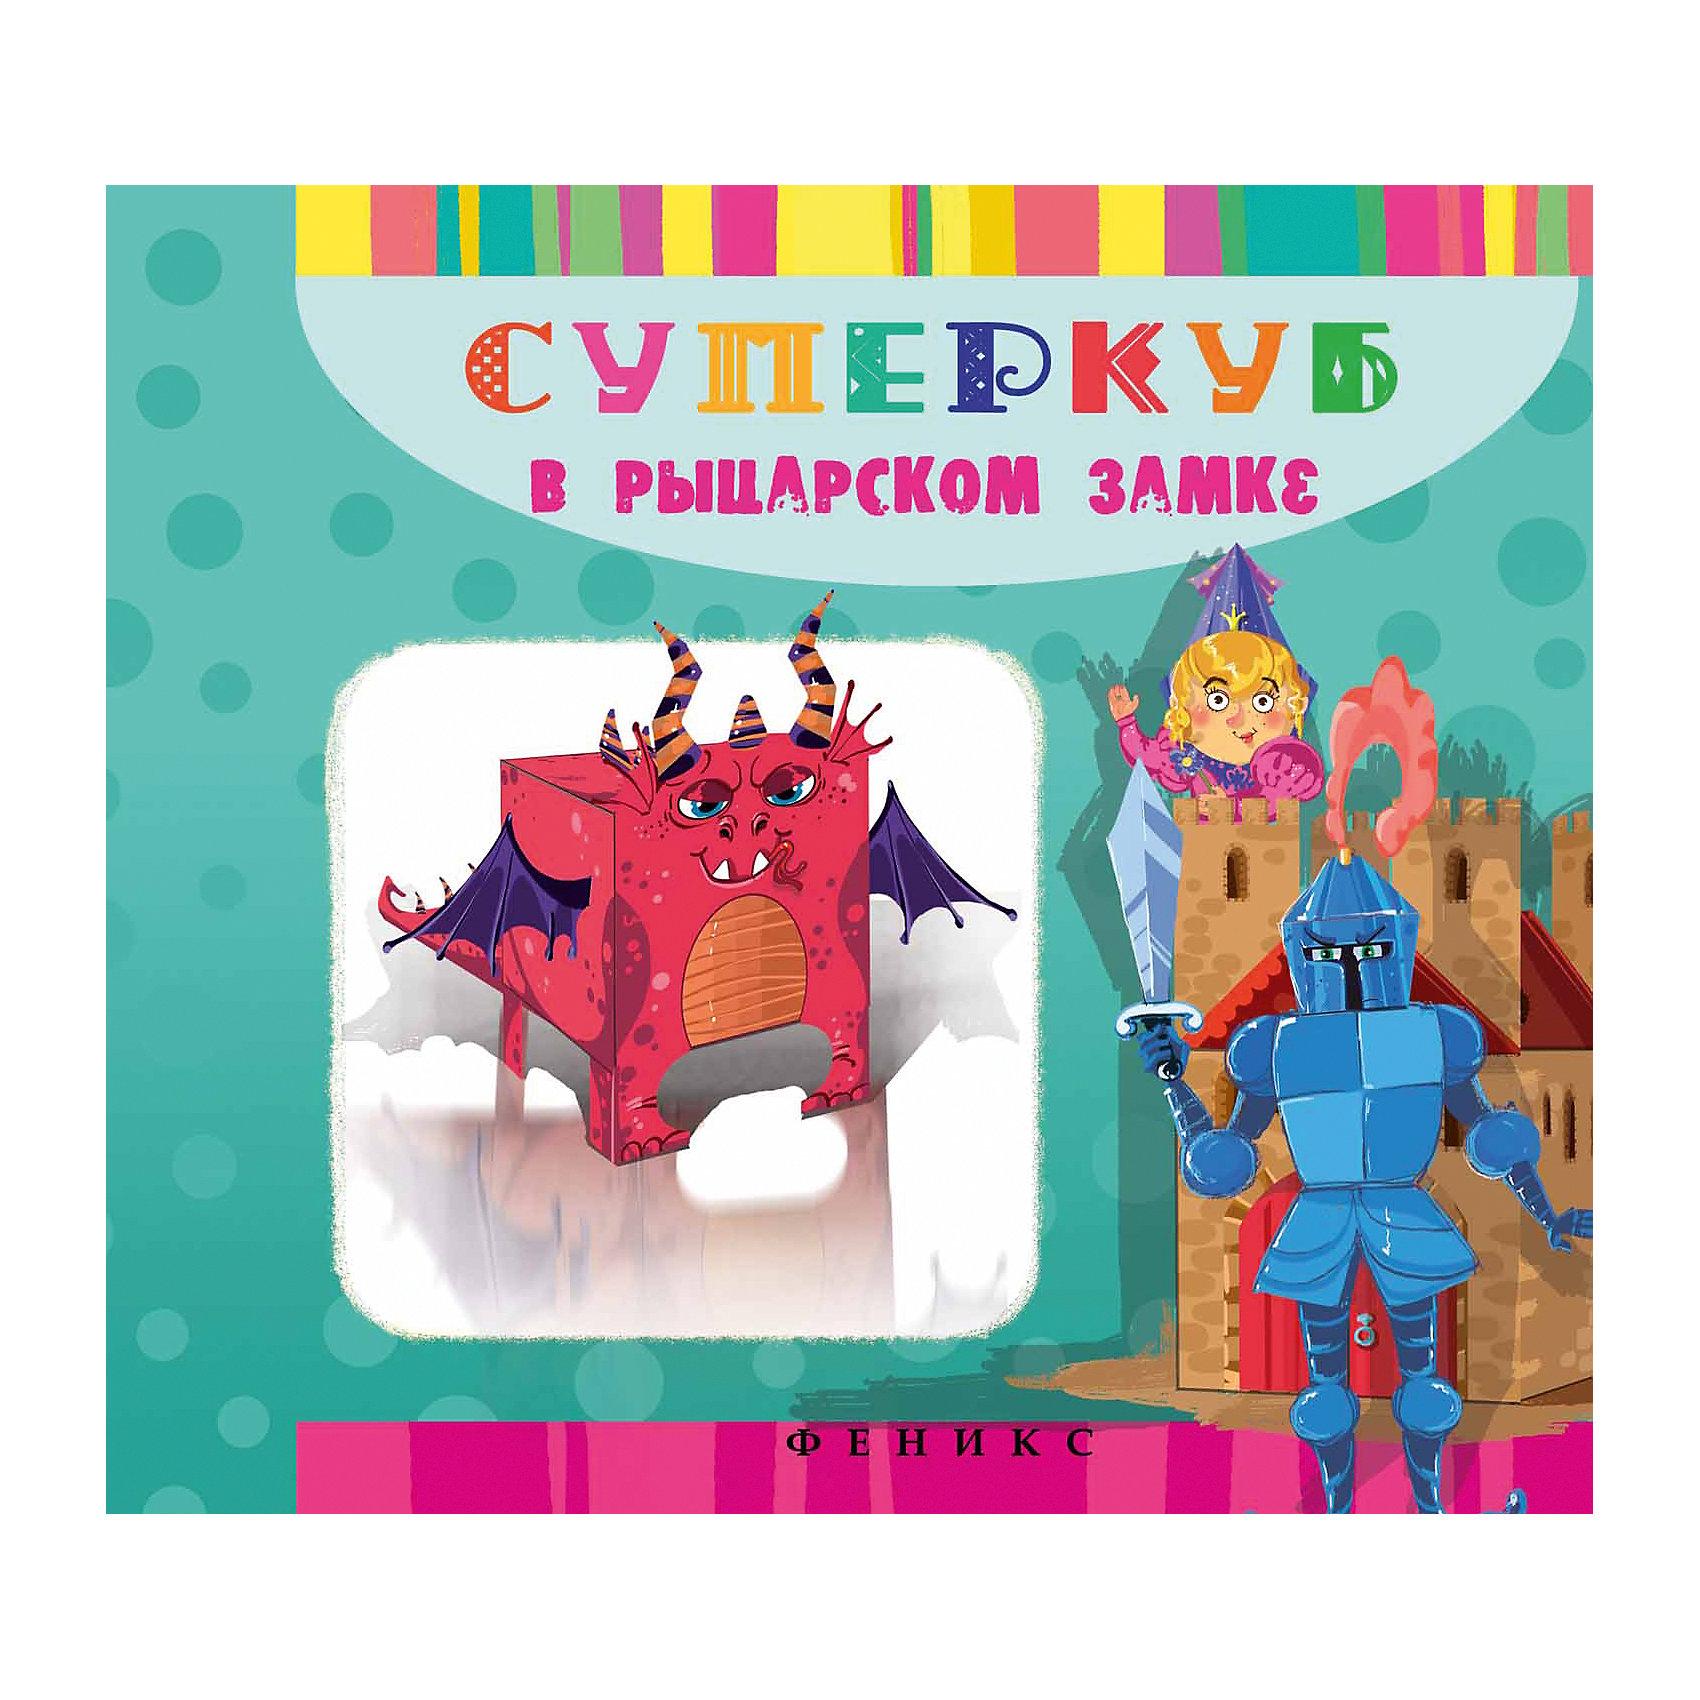 Суперкуб в рыцарском замкеБумага<br>Книжка с наклейками Суперкуб в рыцарском замке<br><br>Характеристики: <br><br>• Кол-во страниц: 11<br>• ISBN: 9785222248683<br>• Возраст: 6+<br>• Обложка: мягкая<br>• Формат: а4<br><br>Пользуясь этой книгой, ребенок сможет собрать несколько ярких игрушек из серии Суперкуб. Для склейки игрушек необходимы ножницы и клей, а все остальное содержится прямо на страницах этой книги. Работа с такой книгой поможет развить ребенку мелкую моторику, внимательность, а родителям обеспечит несколько часов тишины и покоя.<br><br>Книжка с наклейками Суперкуб в рыцарском замке можно купить в нашем интернет-магазине.<br><br>Ширина мм: 215<br>Глубина мм: 215<br>Высота мм: 20<br>Вес г: 60<br>Возраст от месяцев: 72<br>Возраст до месяцев: 2147483647<br>Пол: Унисекс<br>Возраст: Детский<br>SKU: 5464572